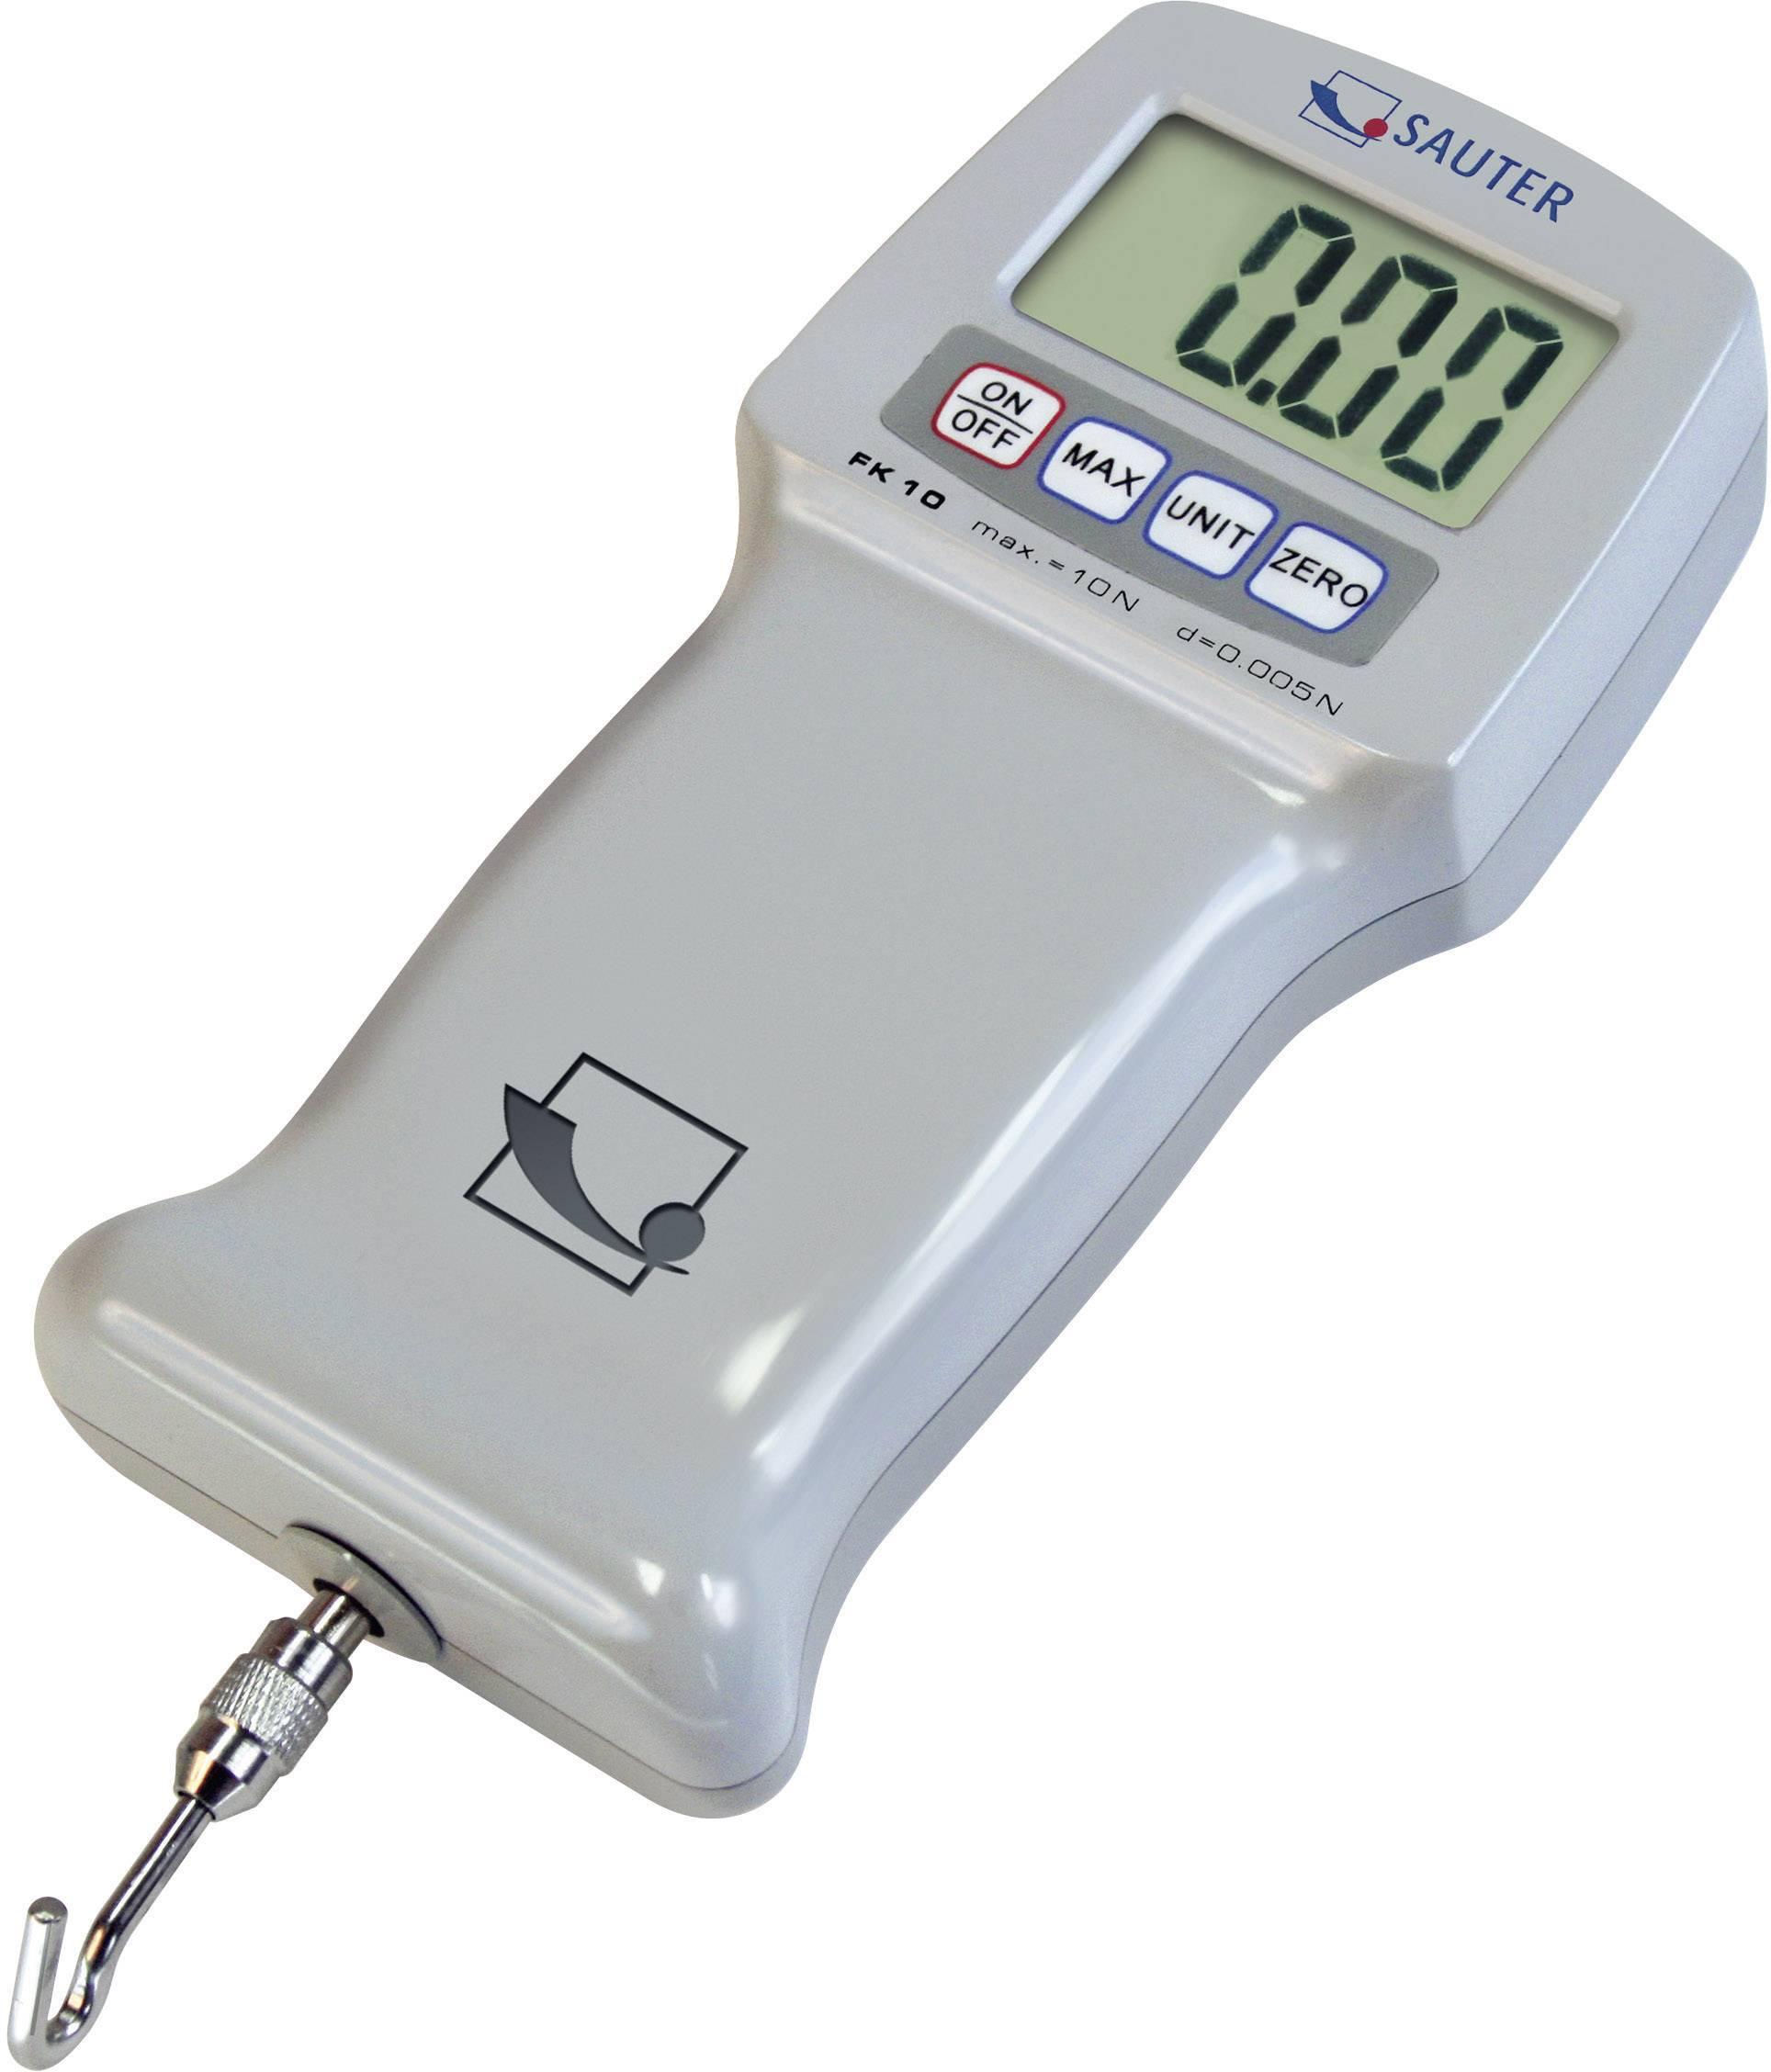 Digitální siloměr Sauter FK 100, 100 N, kalibrace dle ISO, kalibrováno dle ISO